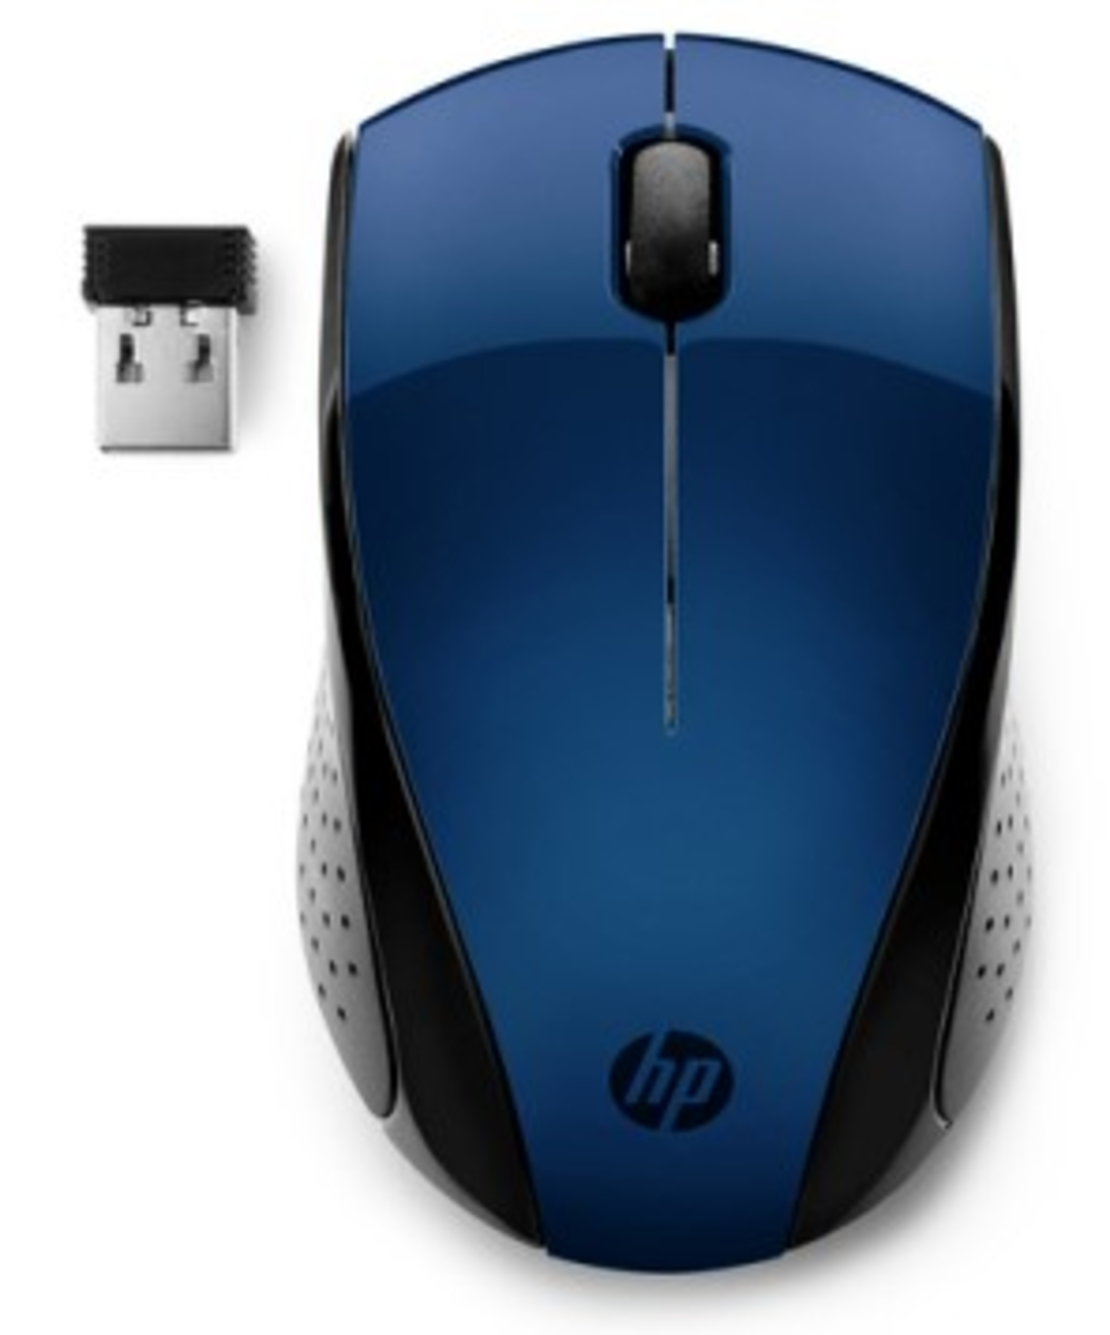 עכבר אלחוטי HP wireless Mouse 220 כחול